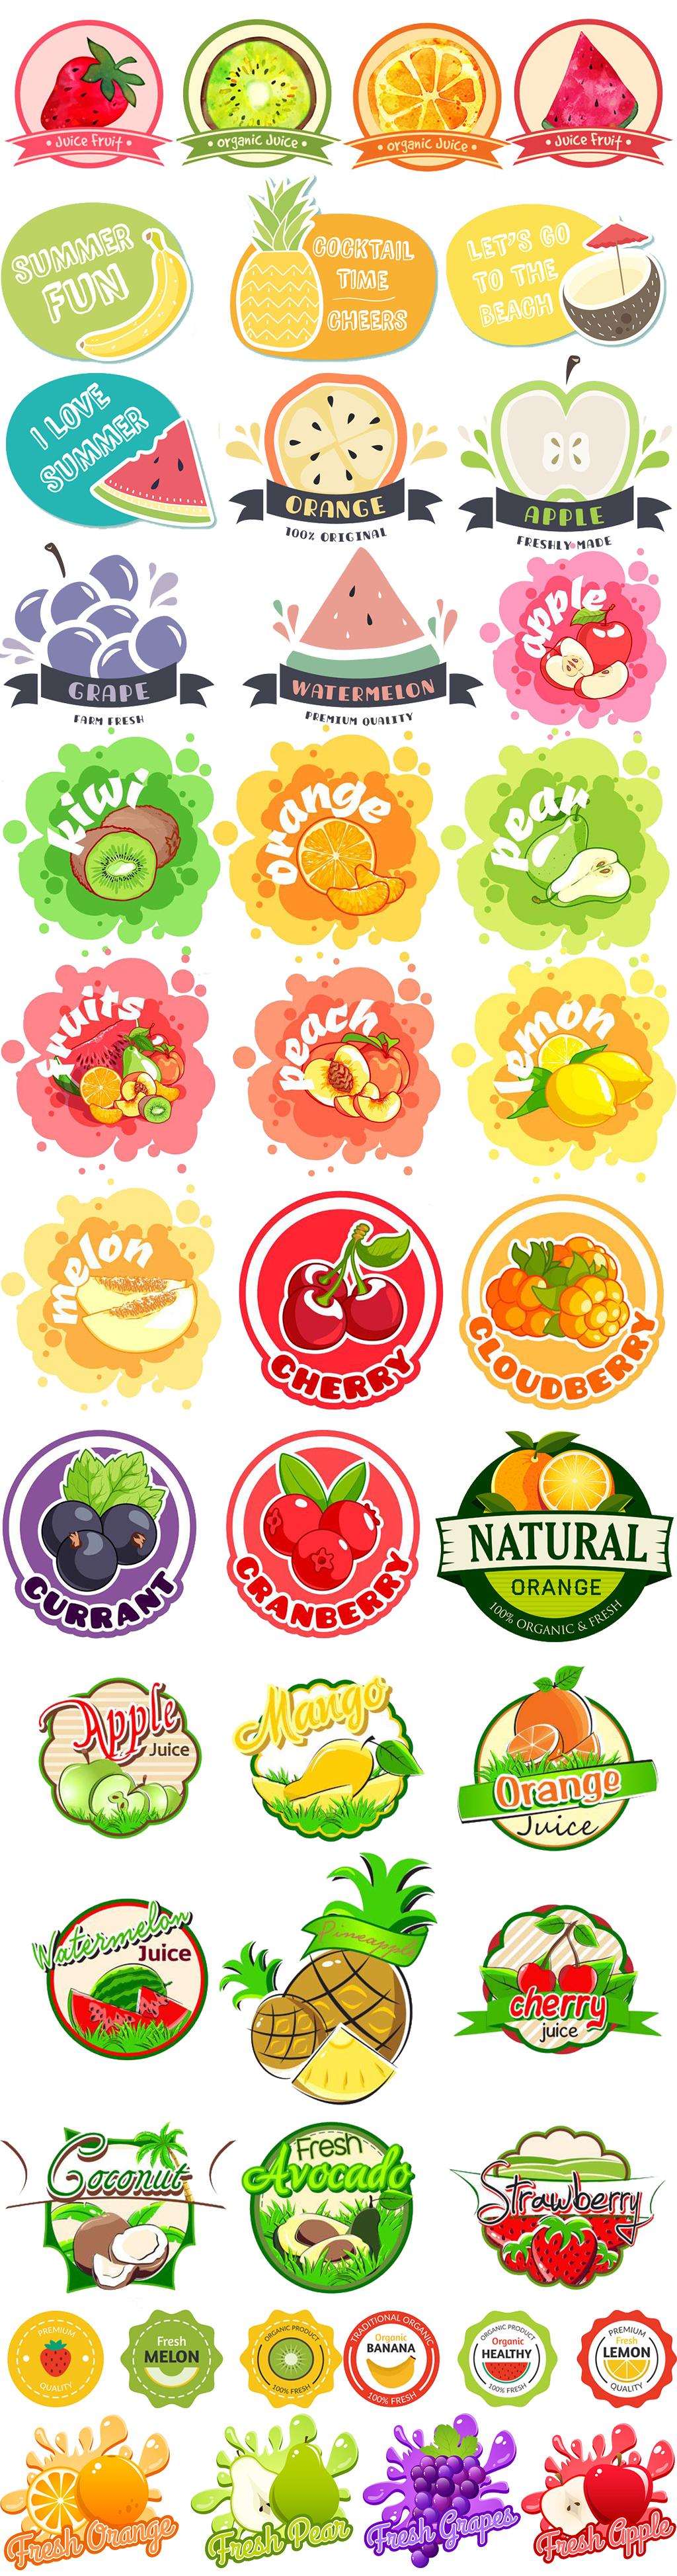 卡通手绘水果手绘图标素材淘宝主图png